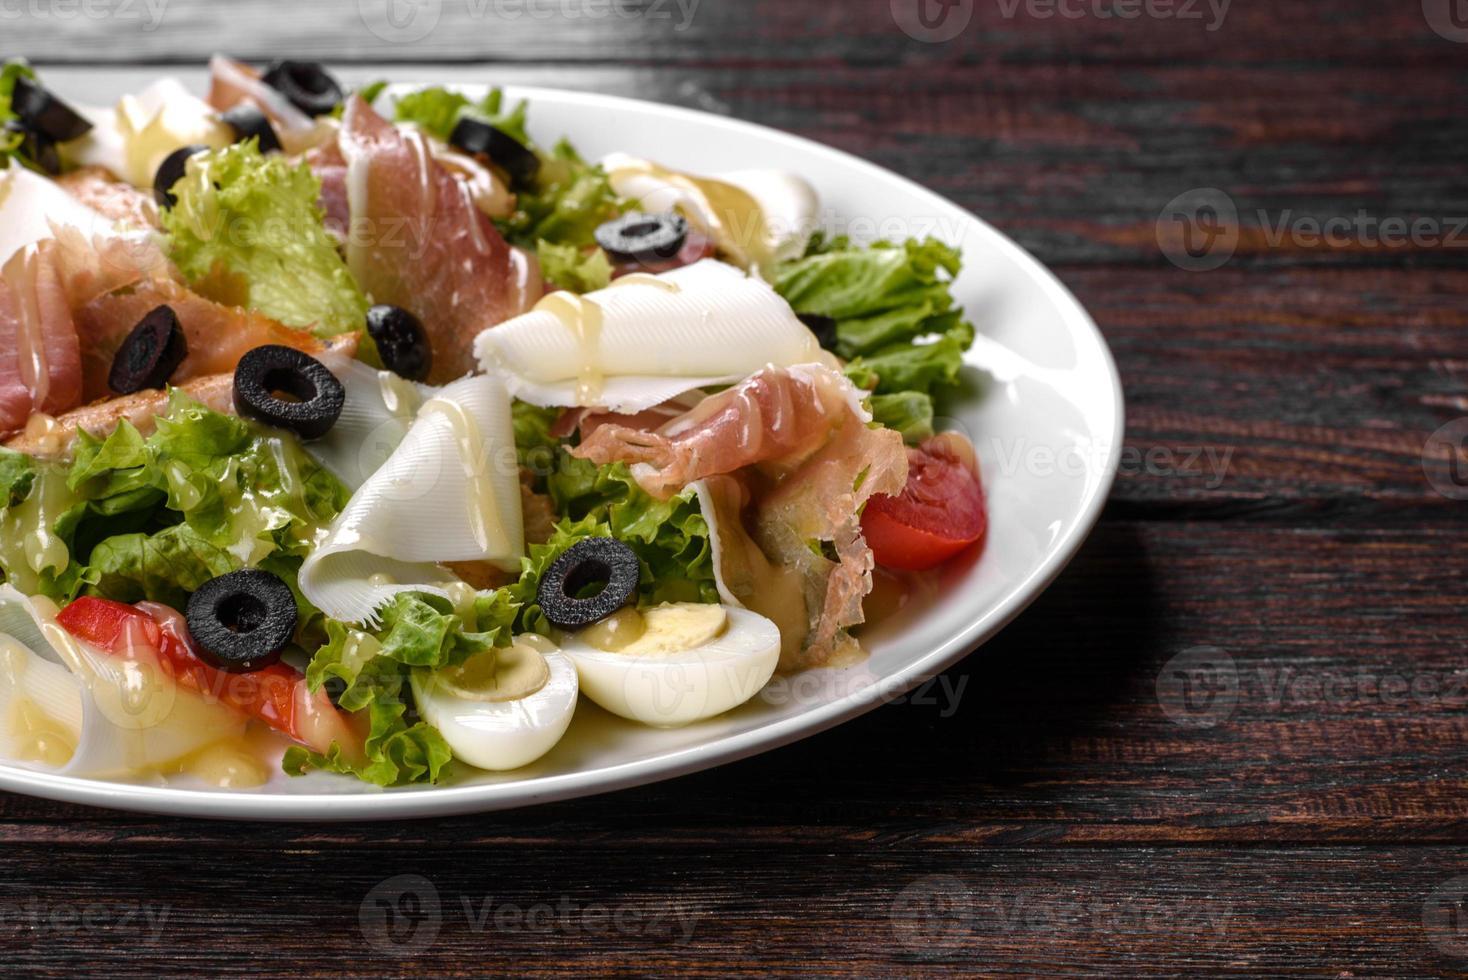 deliziosa insalata fresca con pancetta per la tavola festiva foto